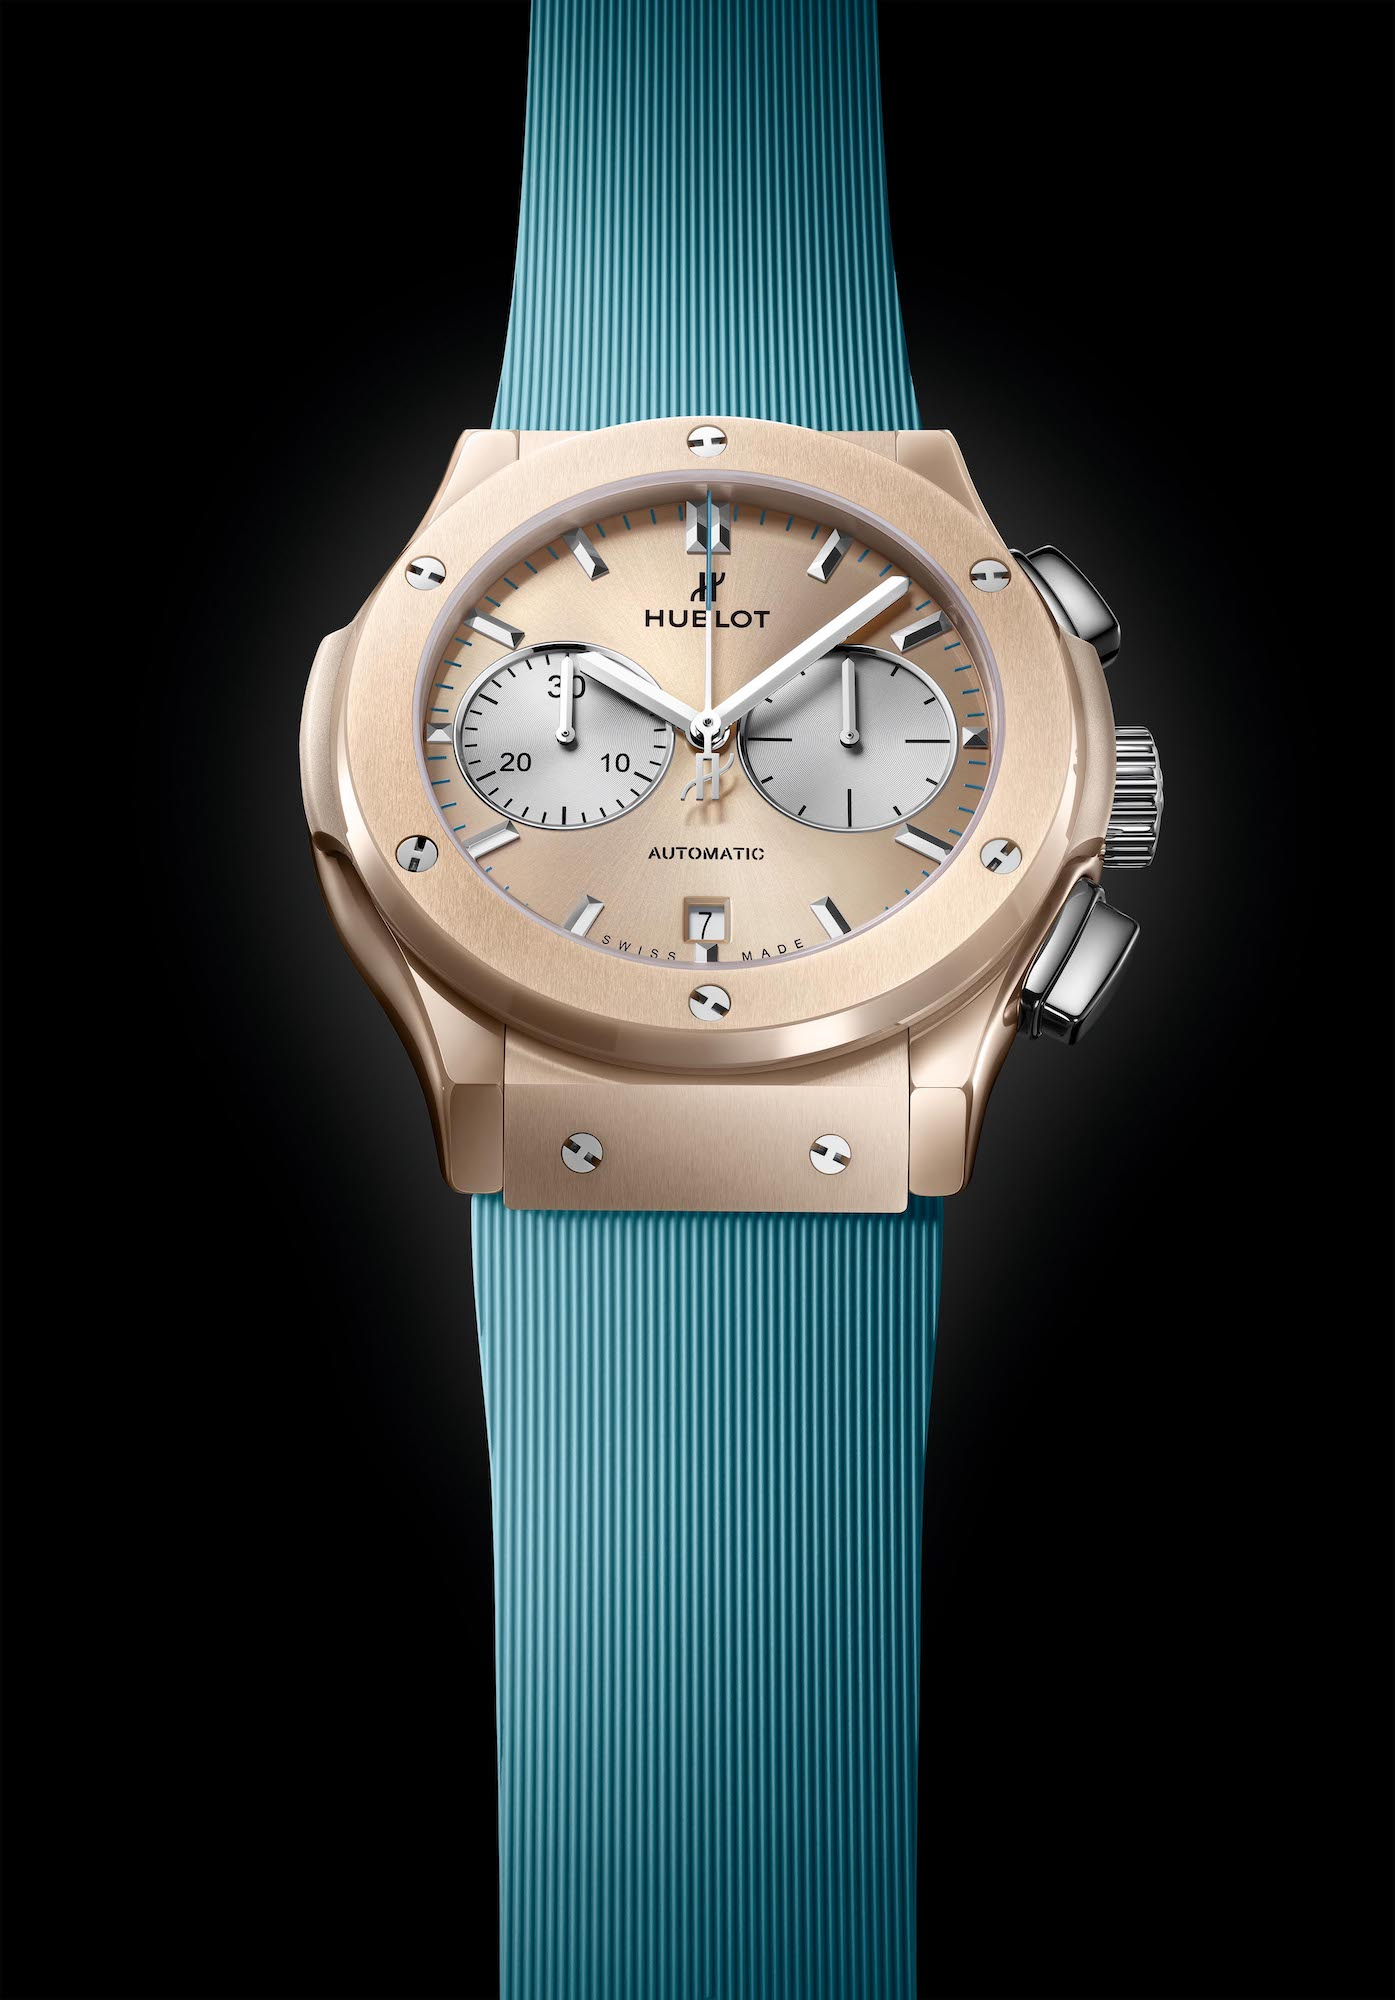 Hublot Classic Fusion Chronograph Boutique Forte dei Marmi 521.CZ.892B.RX.BHF21 Esfera correa azul